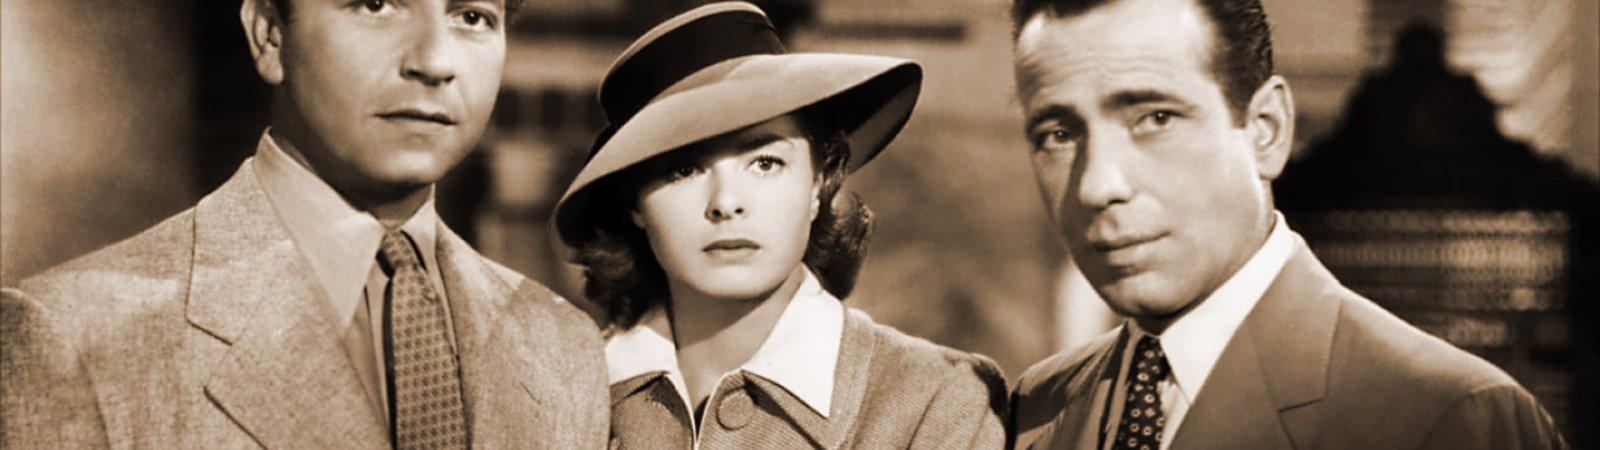 Photo du film : Casablanca